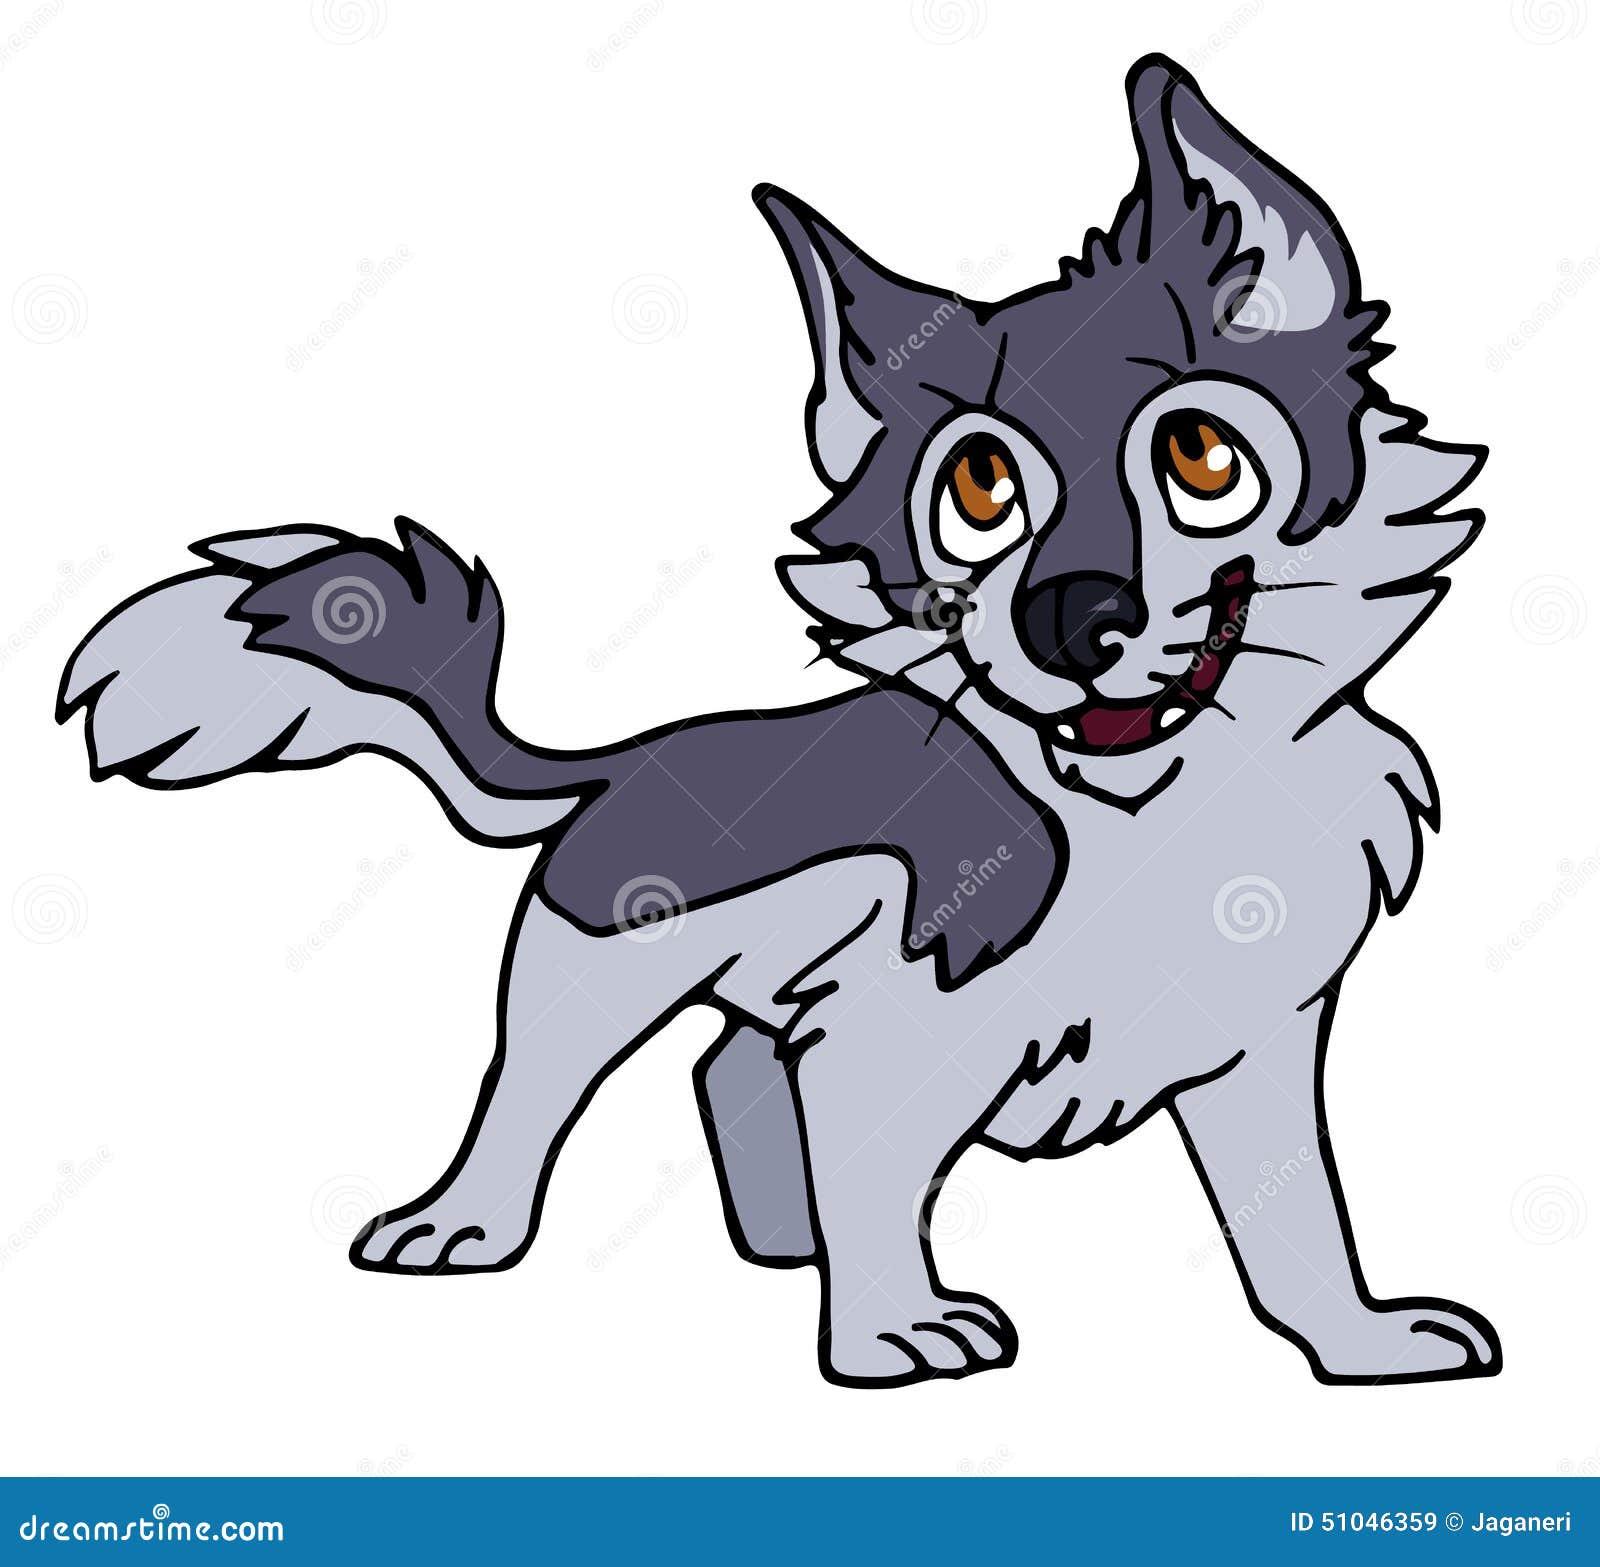 Pin Cartoon-wolf-puppies on Pinterest